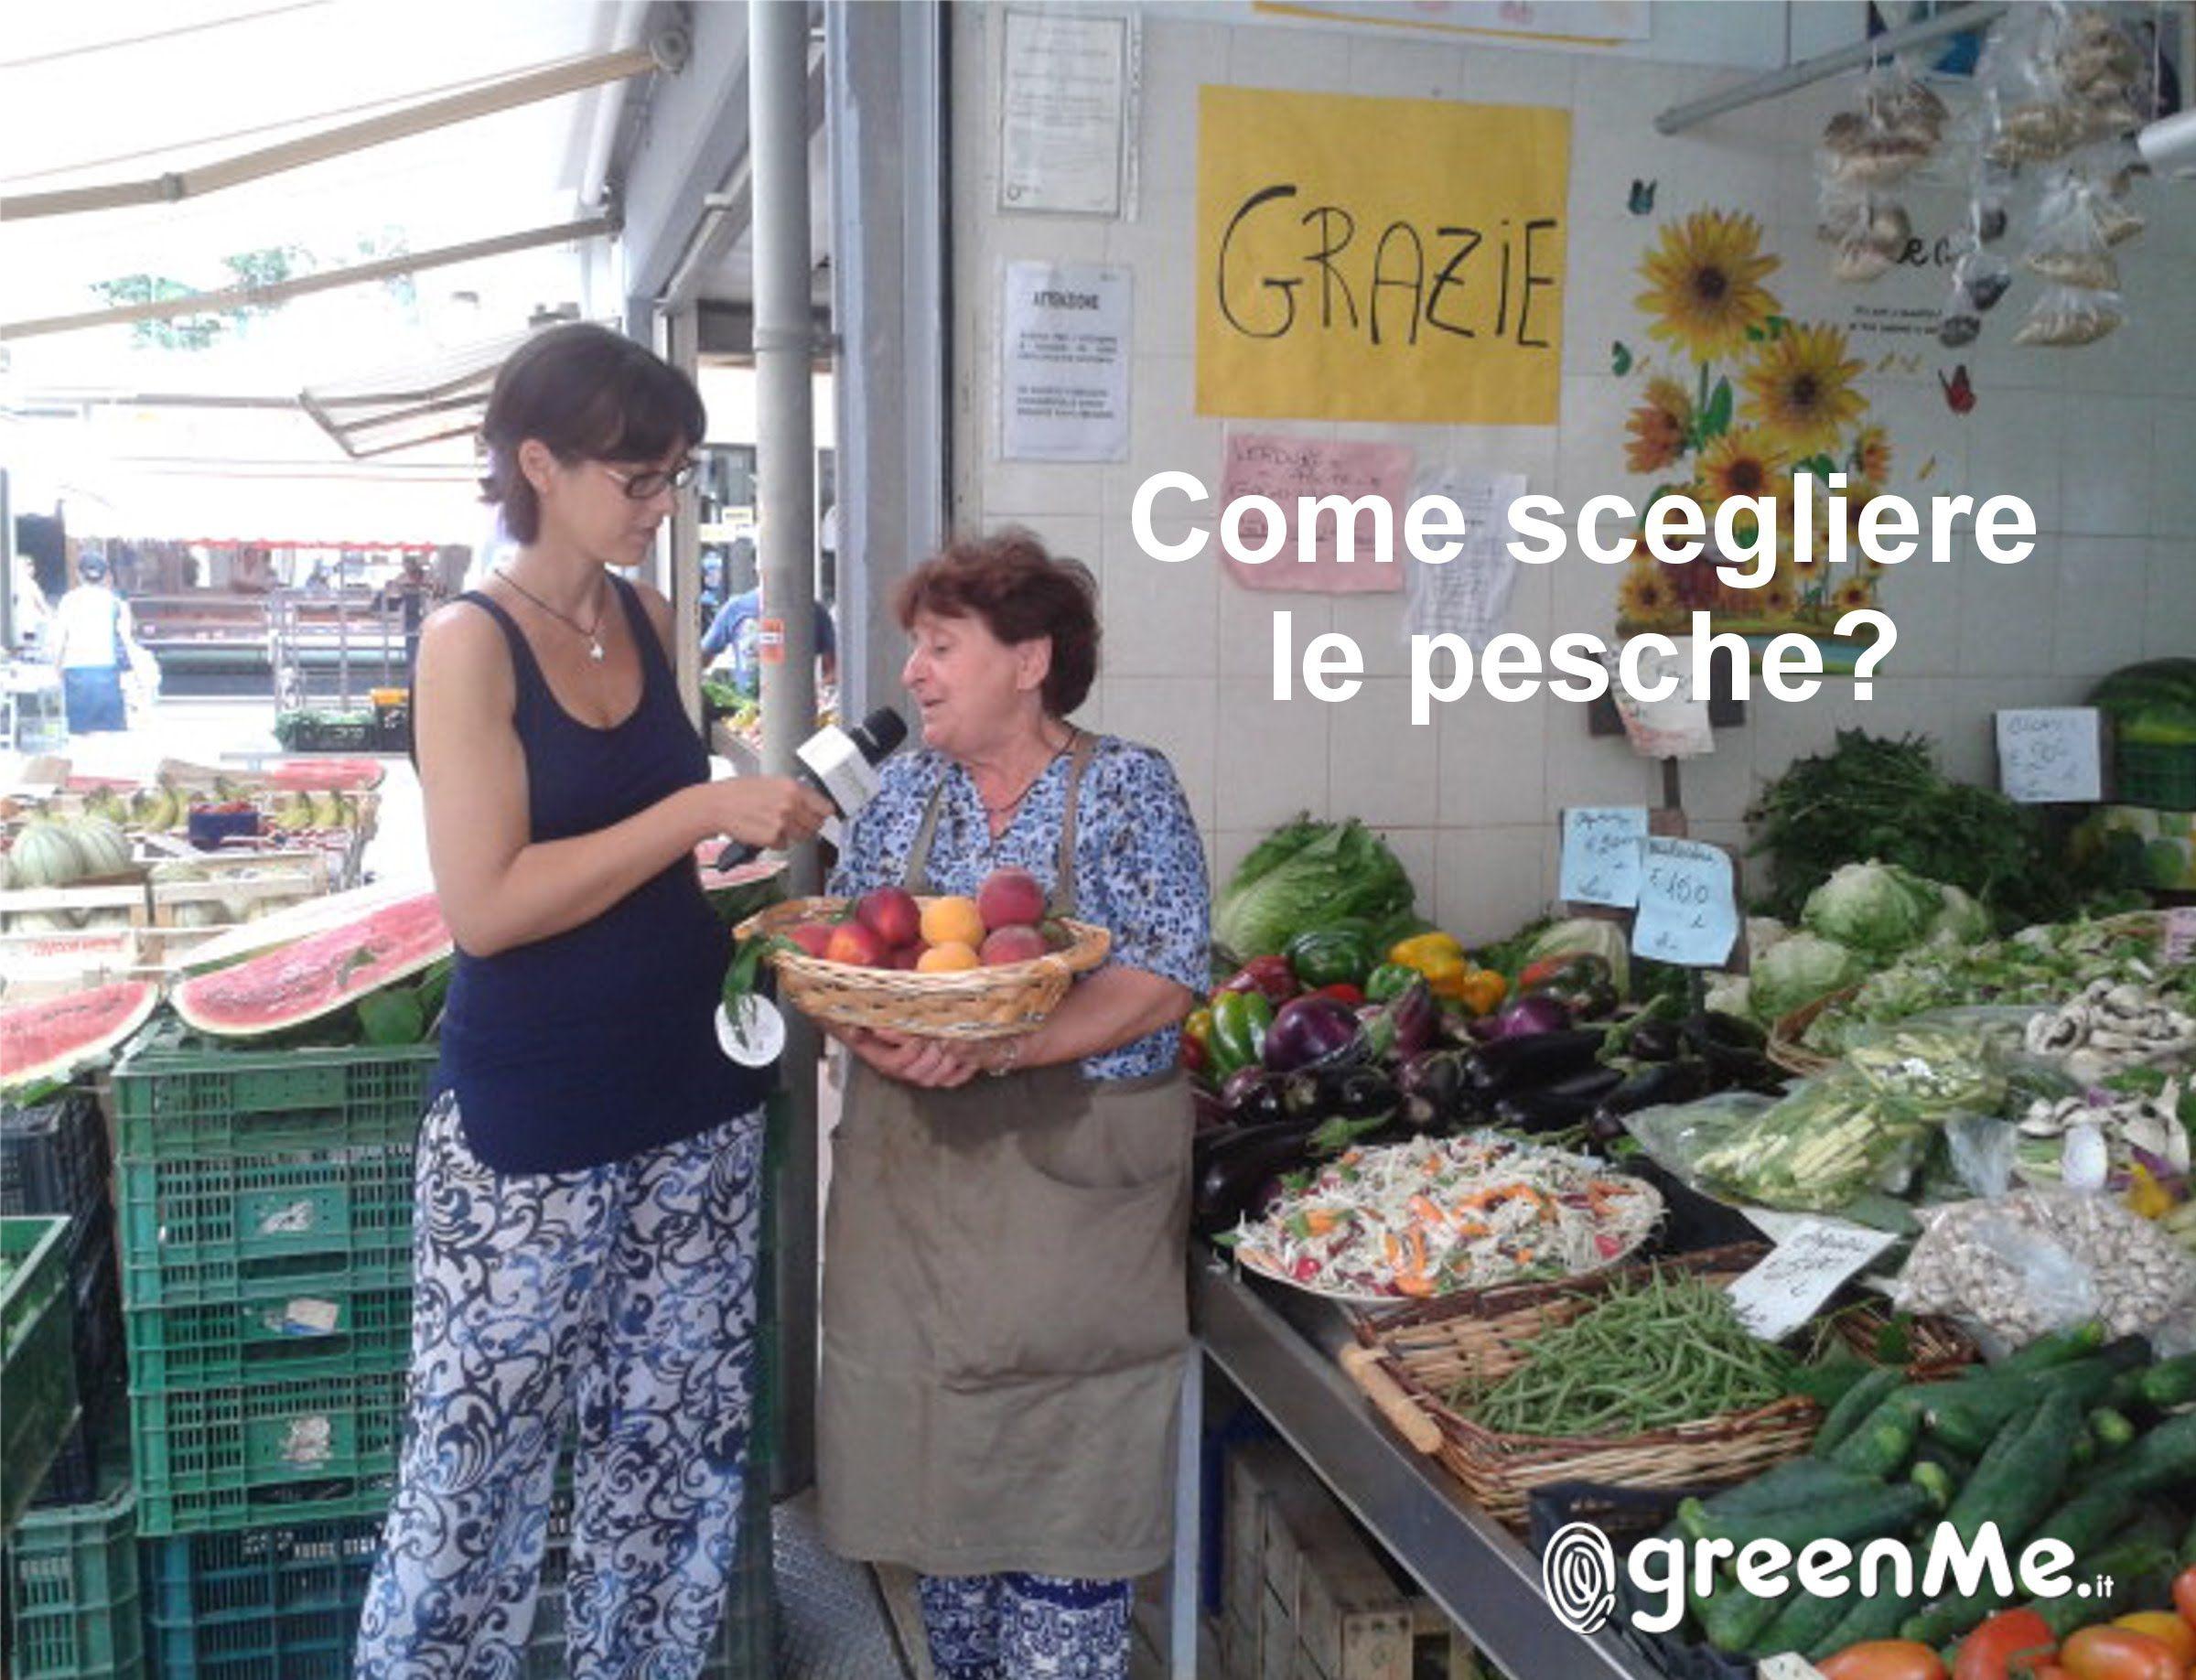 Francesca Biagioli nel mercato Pasquale II a Primavalle (RM) con l'aiuto di Gianna, proprietaria dell'omonimo banco di ortofrutta, ci da qualche dritta su co...